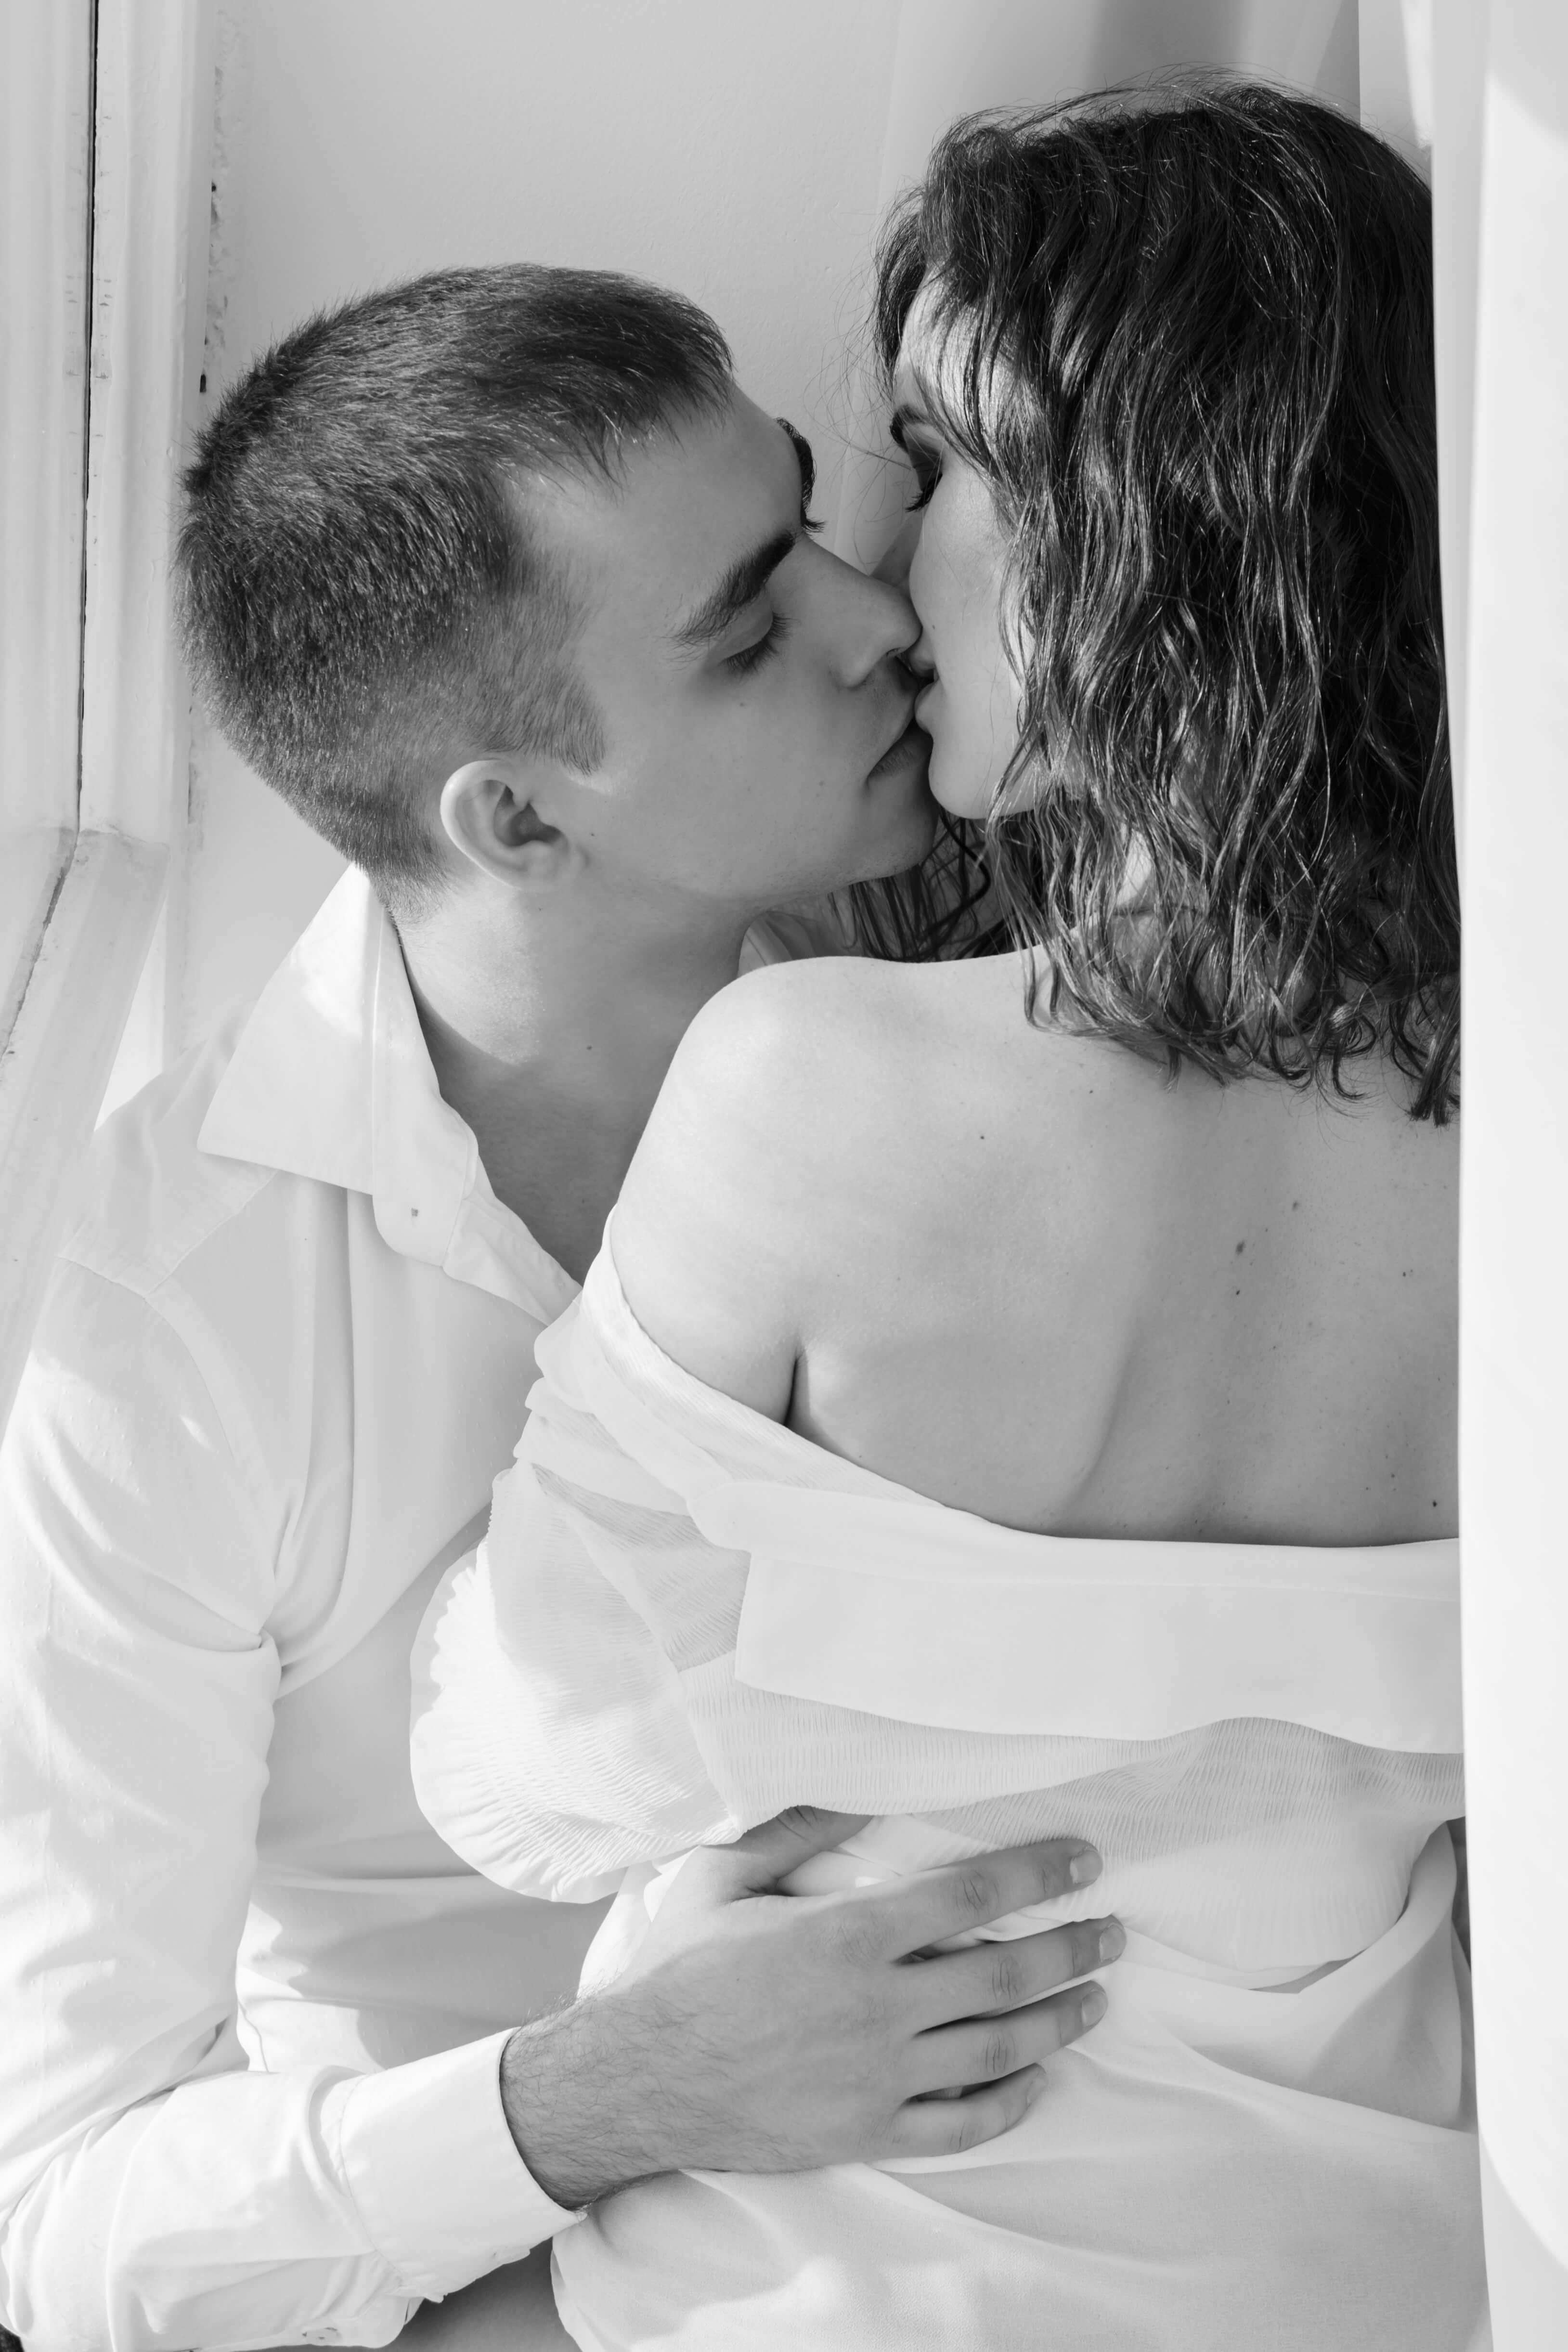 Фото нежного и романтического поцелуя между девушкой и парнем - 20 картинок 15